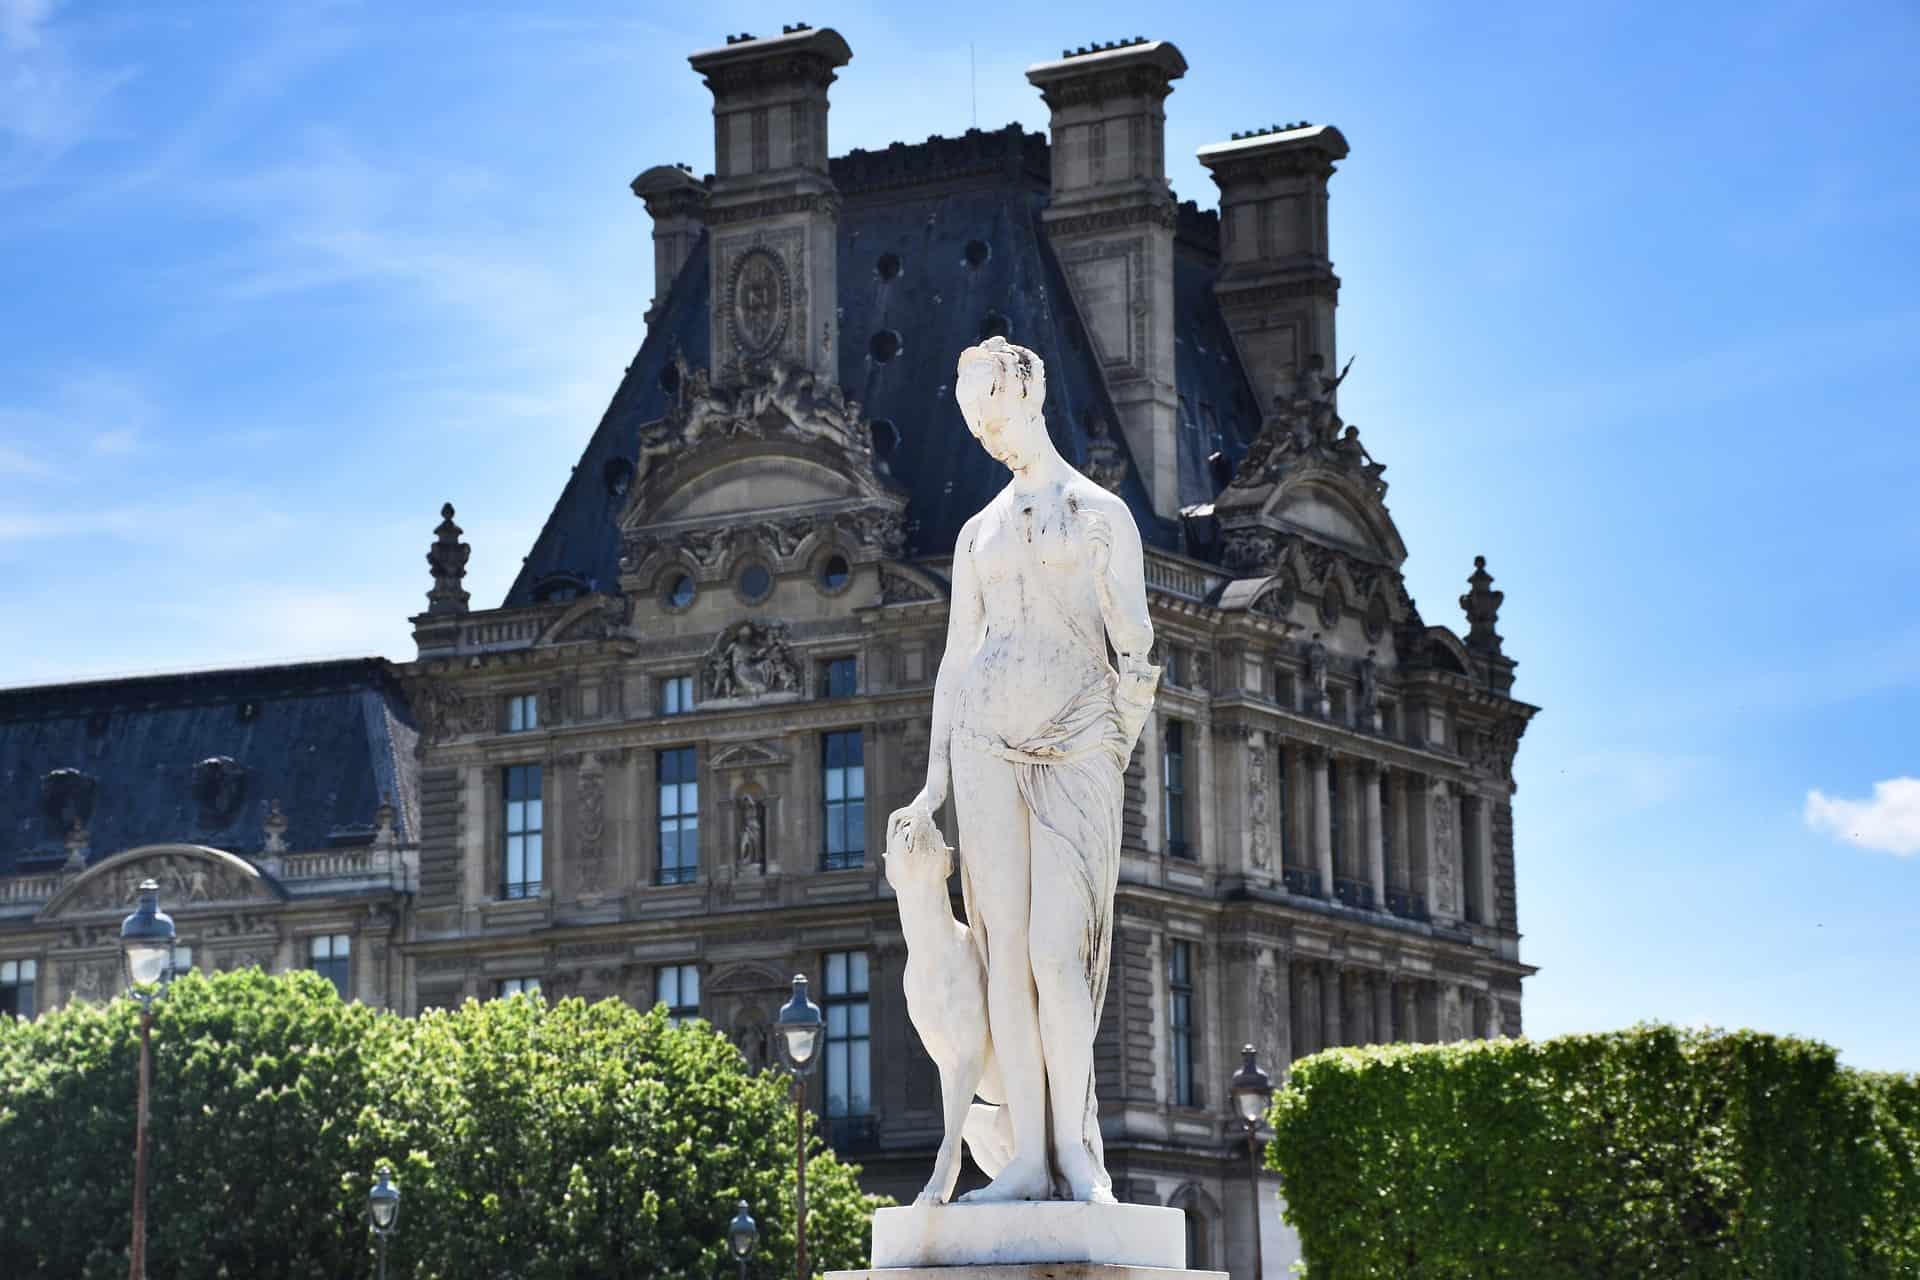 The Iconic Tuileries Gardens in Paris